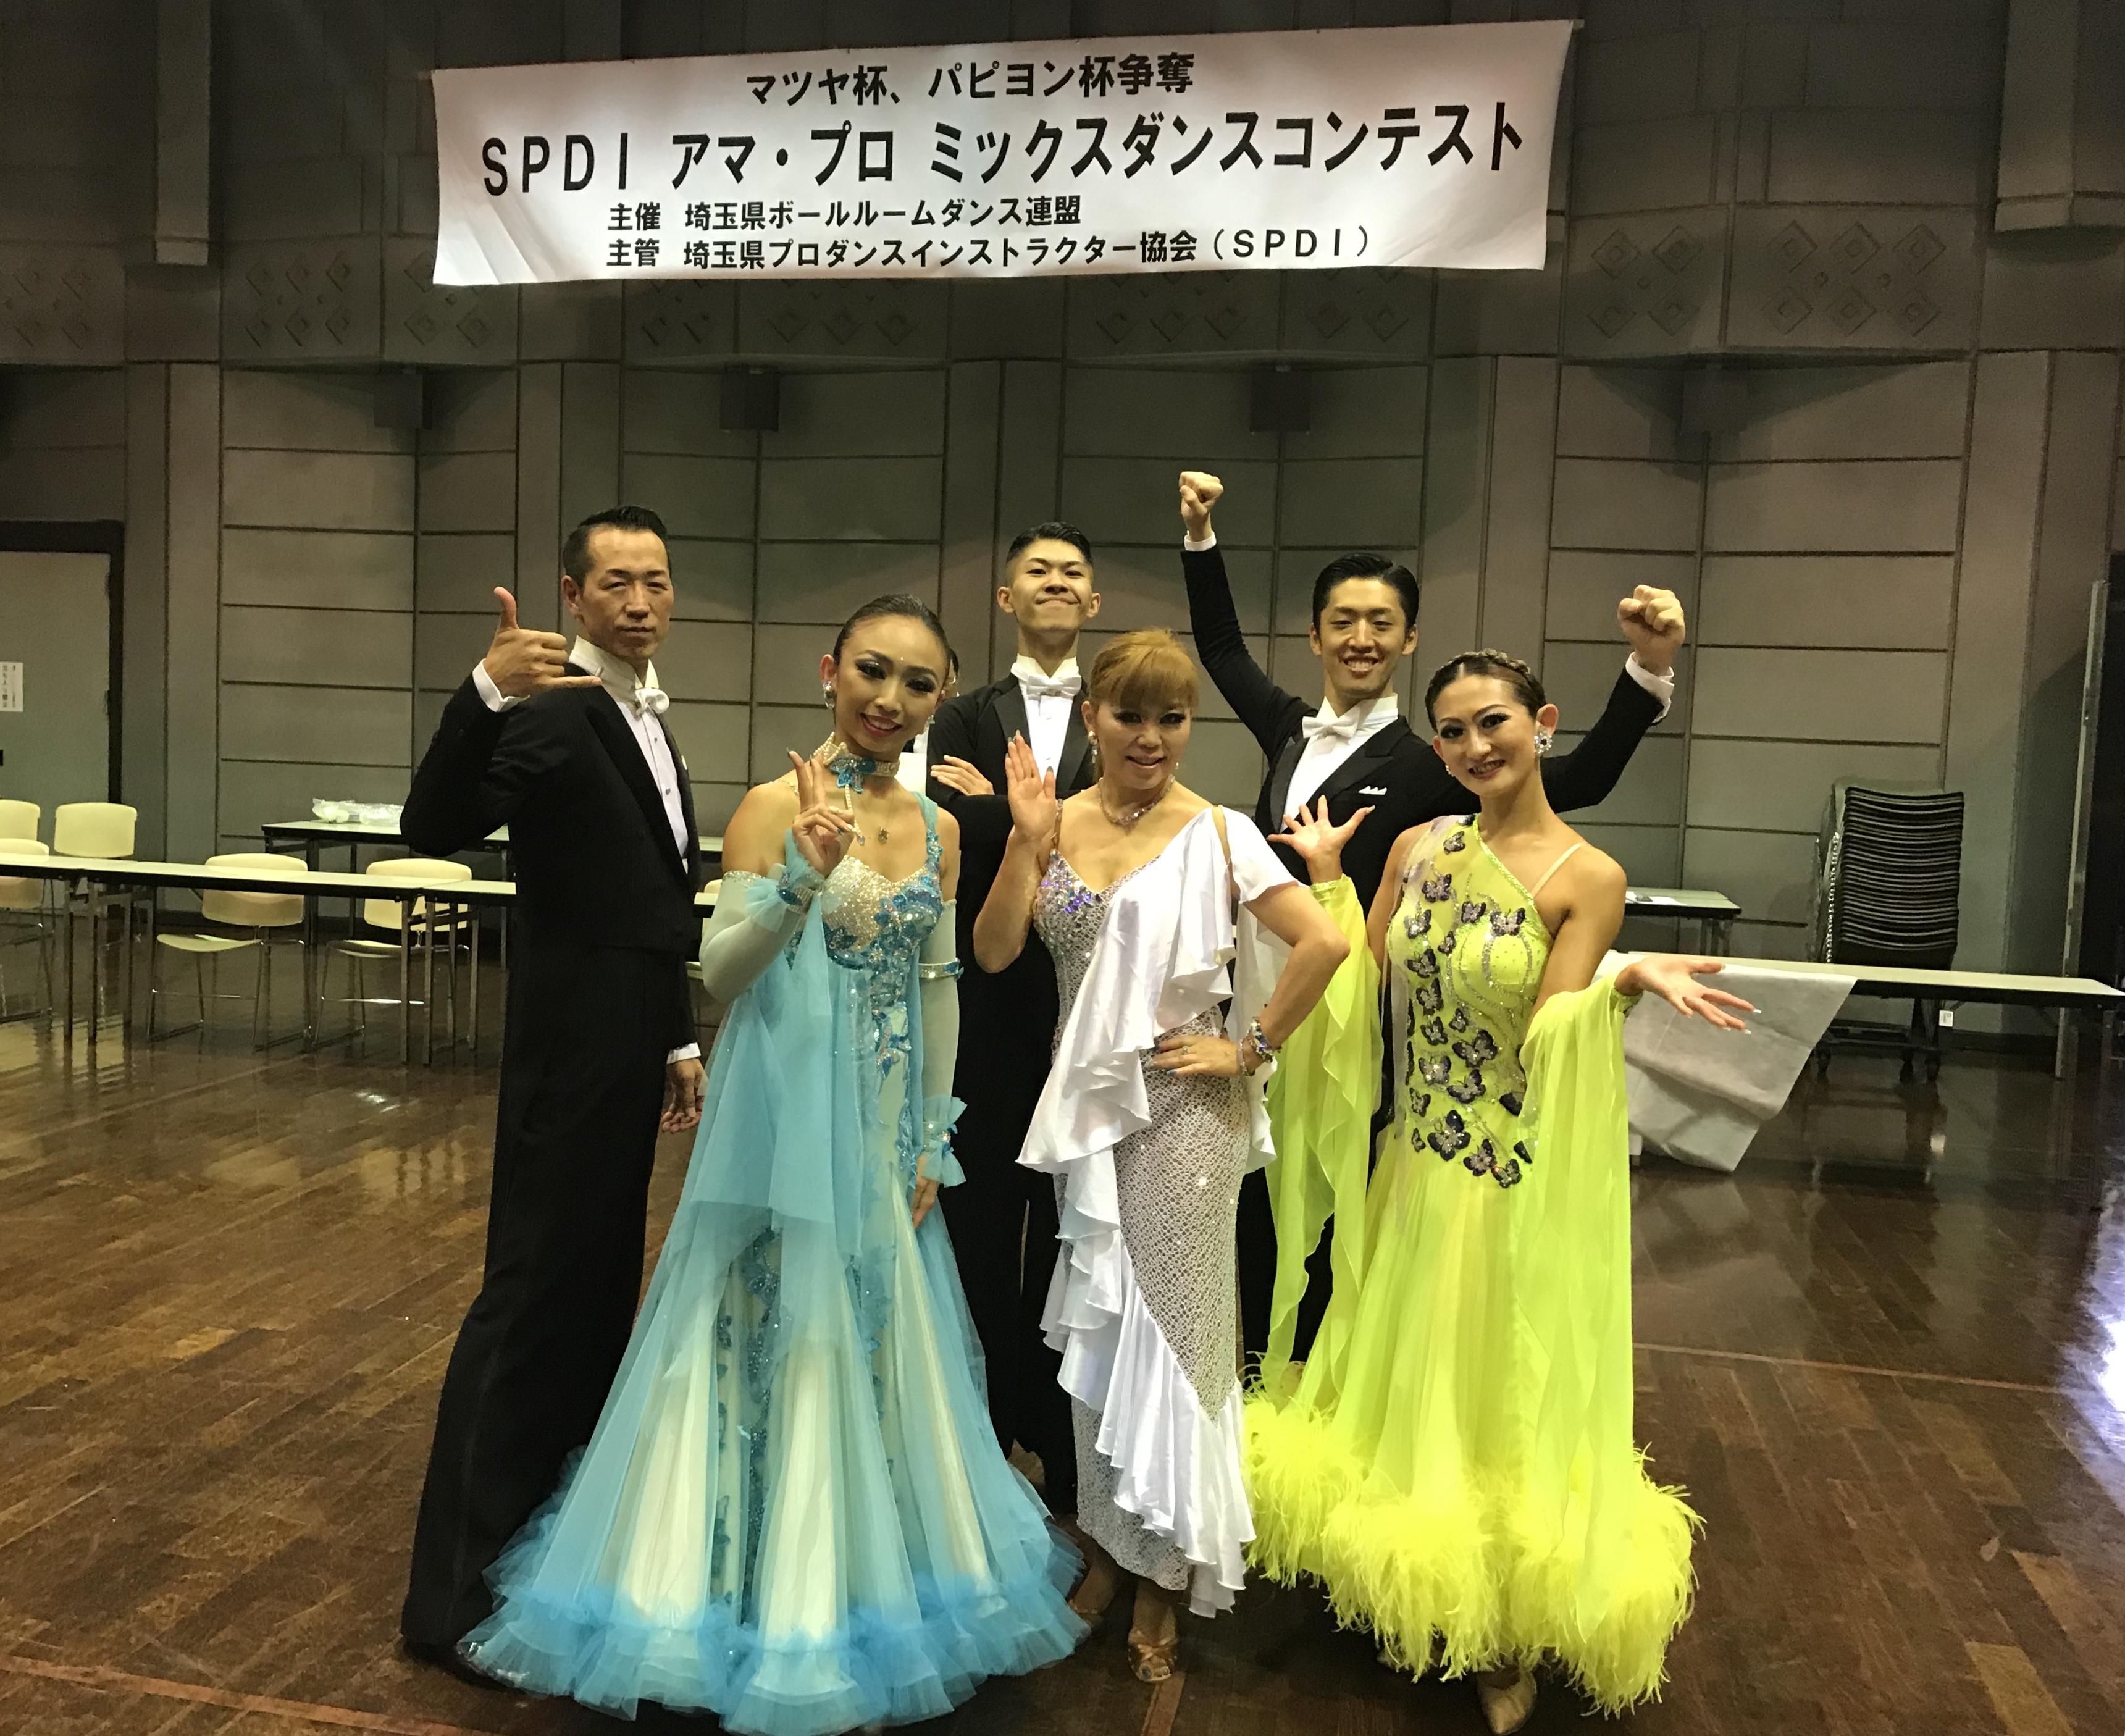 アマ・プロ ミックスダンスコンテスト|埼玉県プロダンスインストラクター協会|SPDI